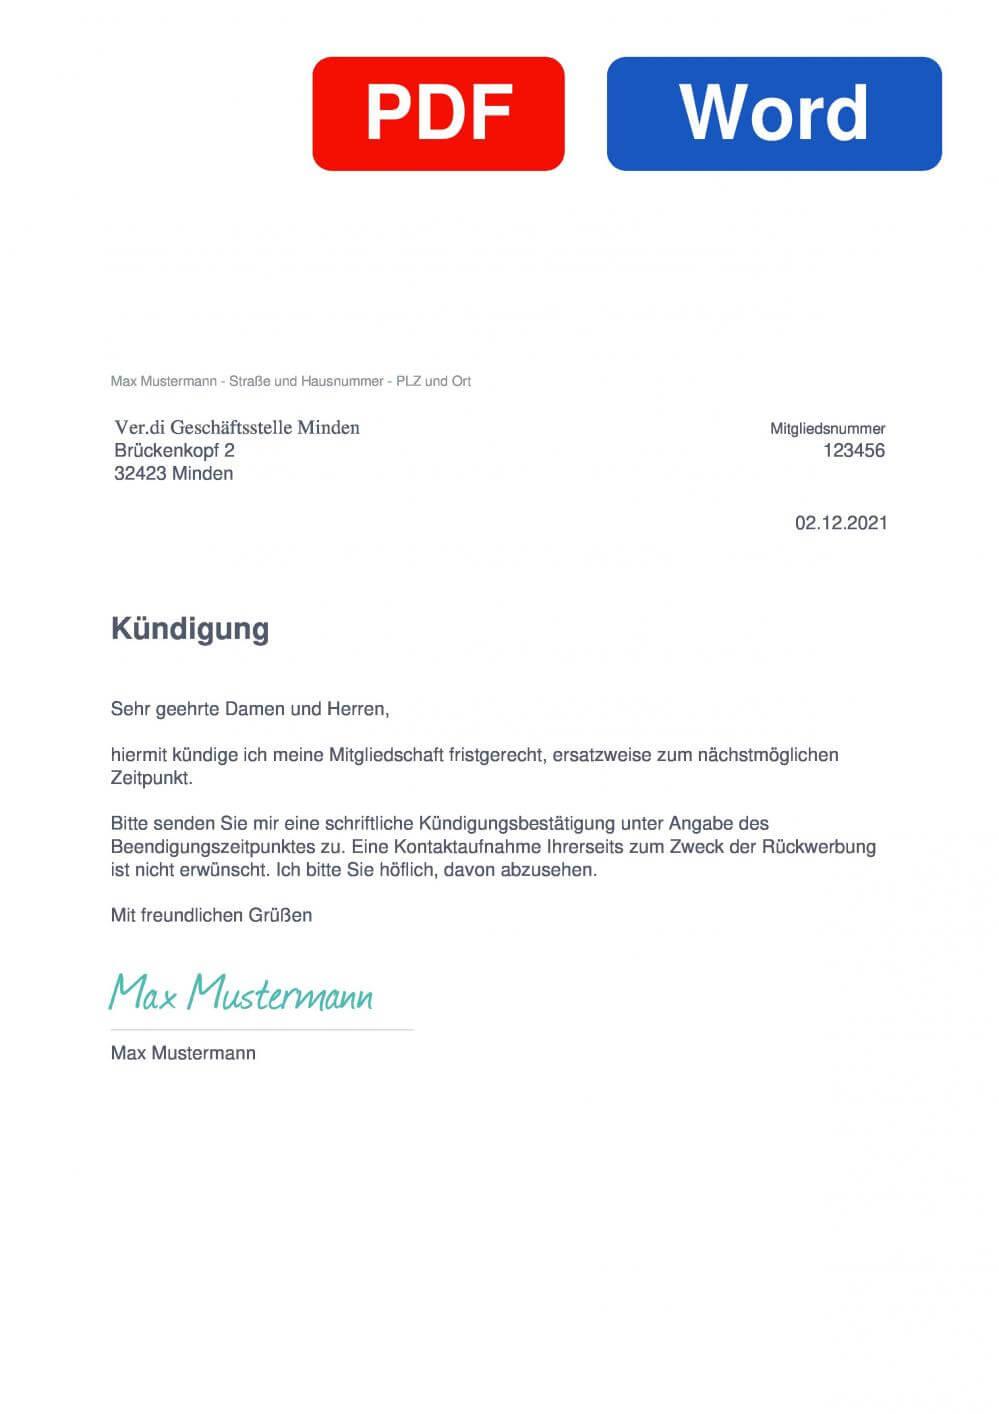 Verdi Minden Muster Vorlage für Kündigungsschreiben